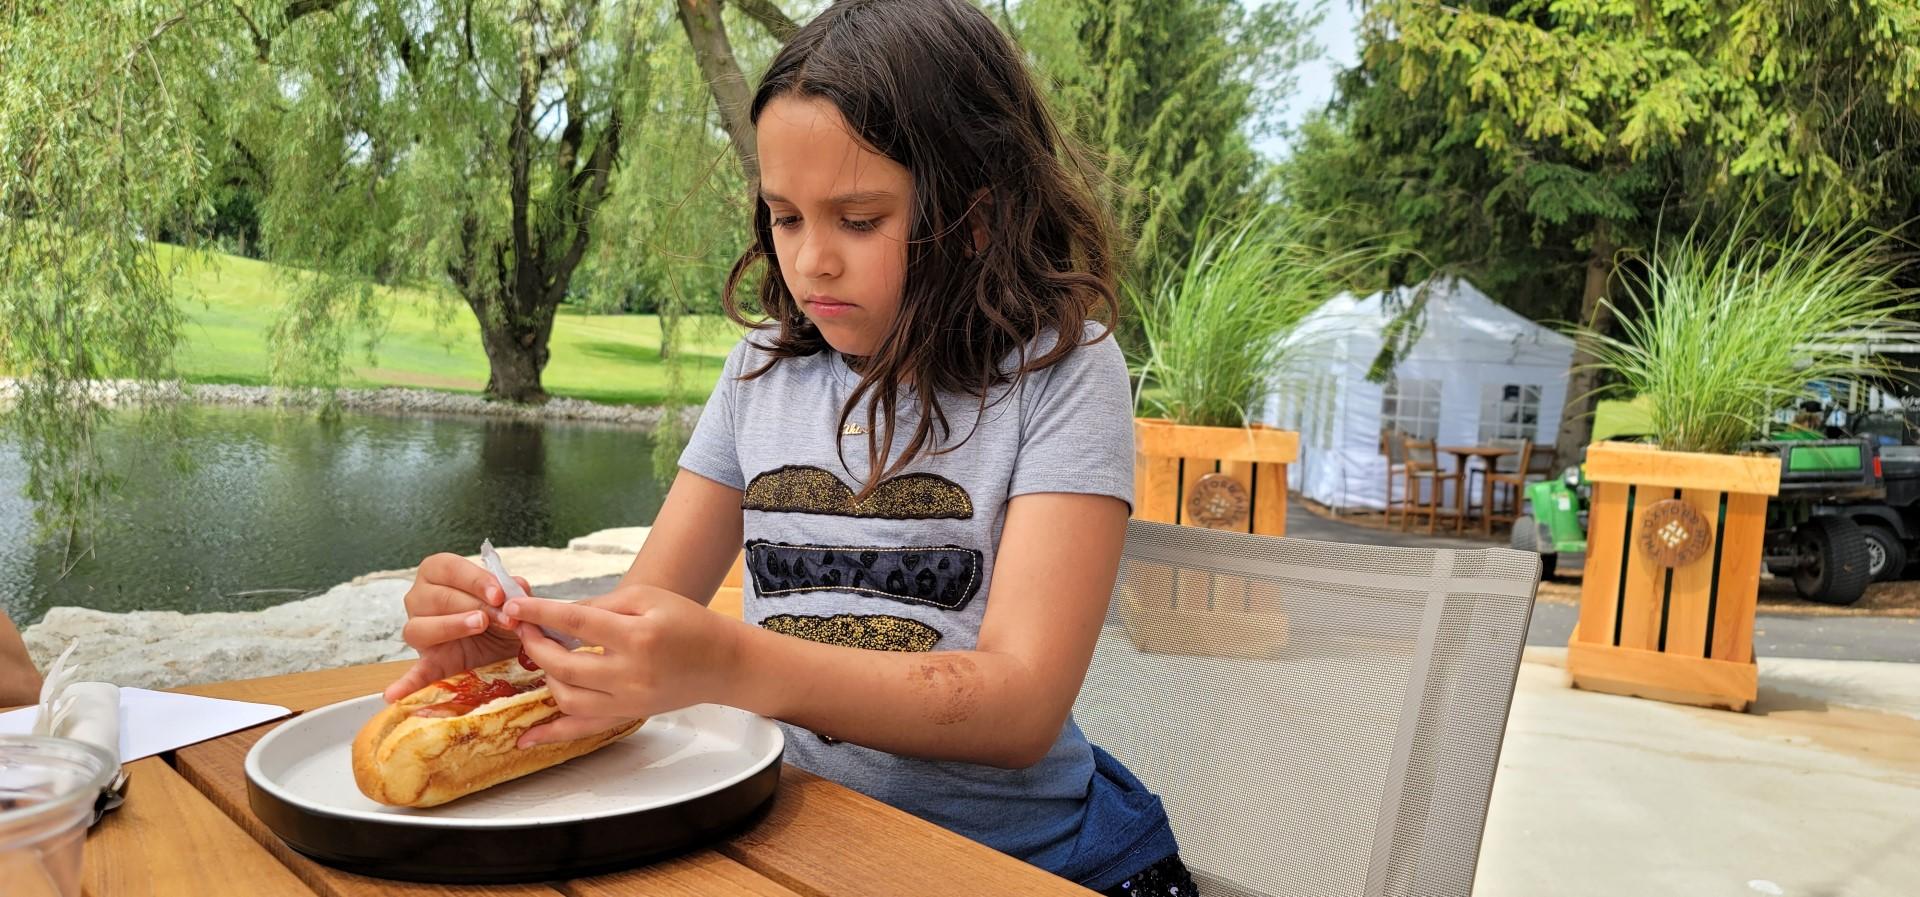 girl putting ketchup on hotdog